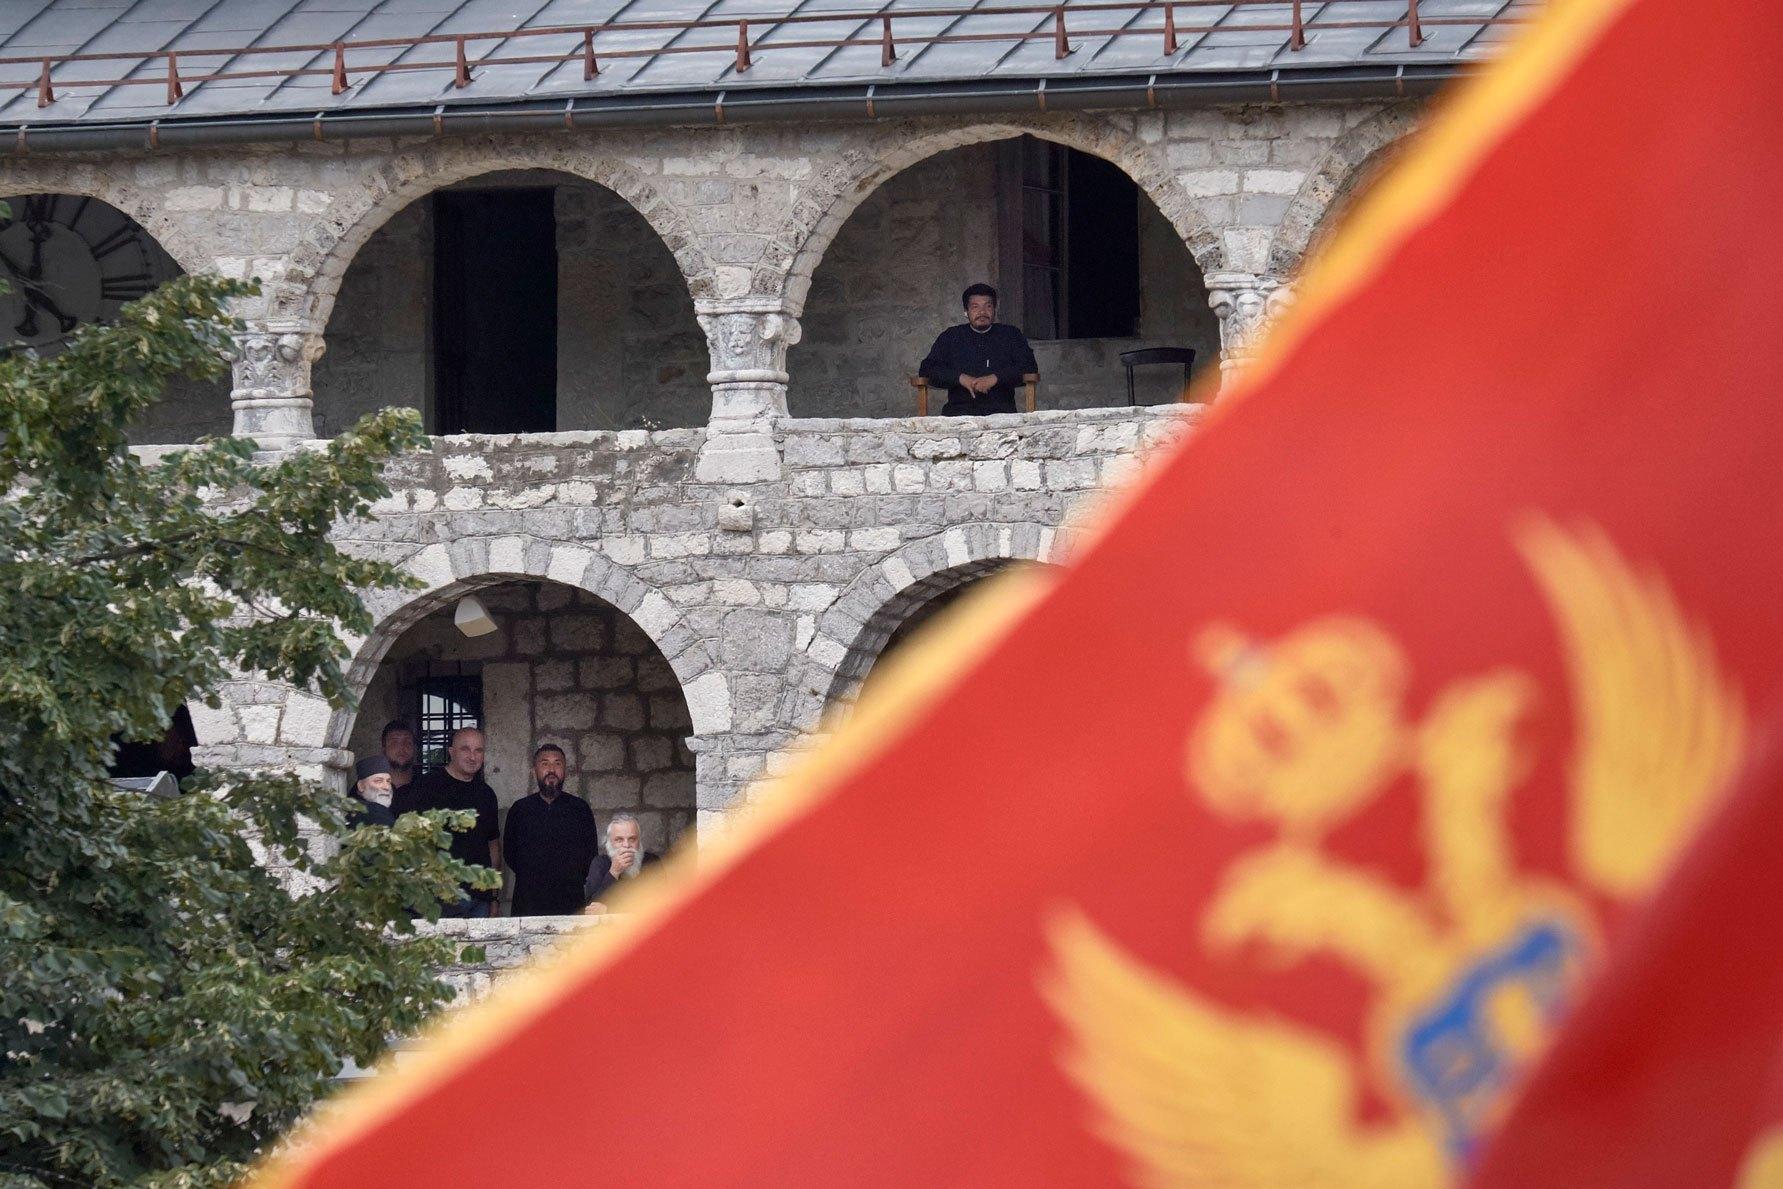 Machtswisseling in Montenegro onder invloeden van de Servisch-Orthodoxe Kerk